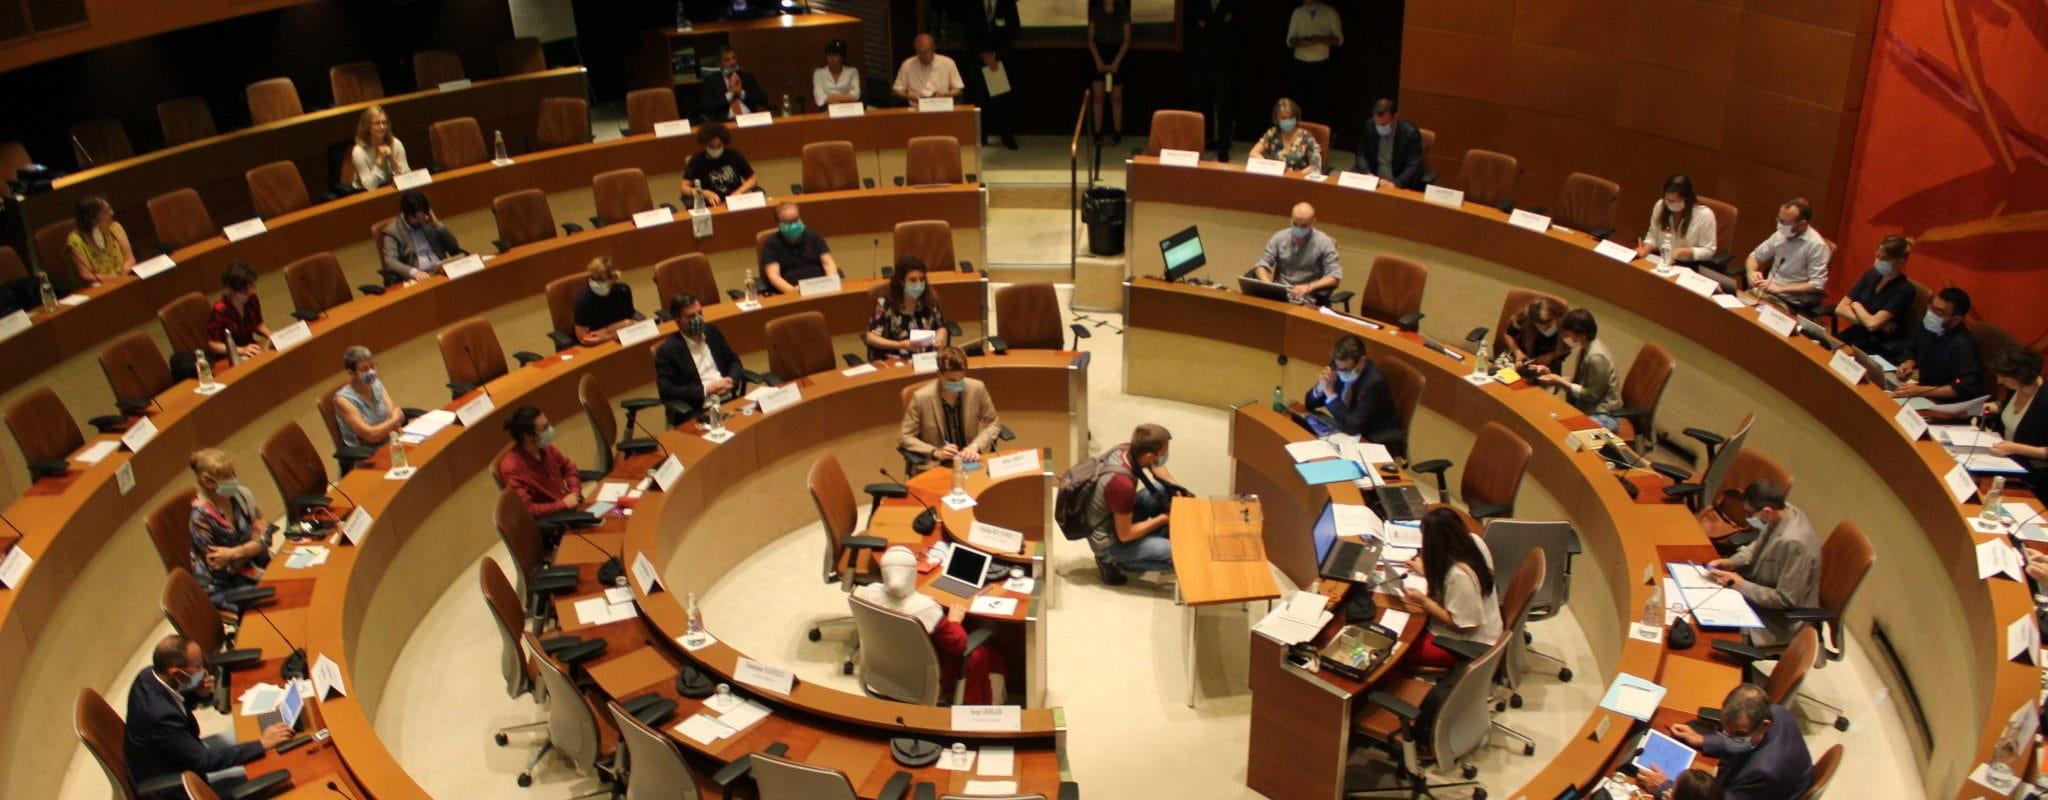 Au conseil de l'Eurométropole, un rapport de force à préciser